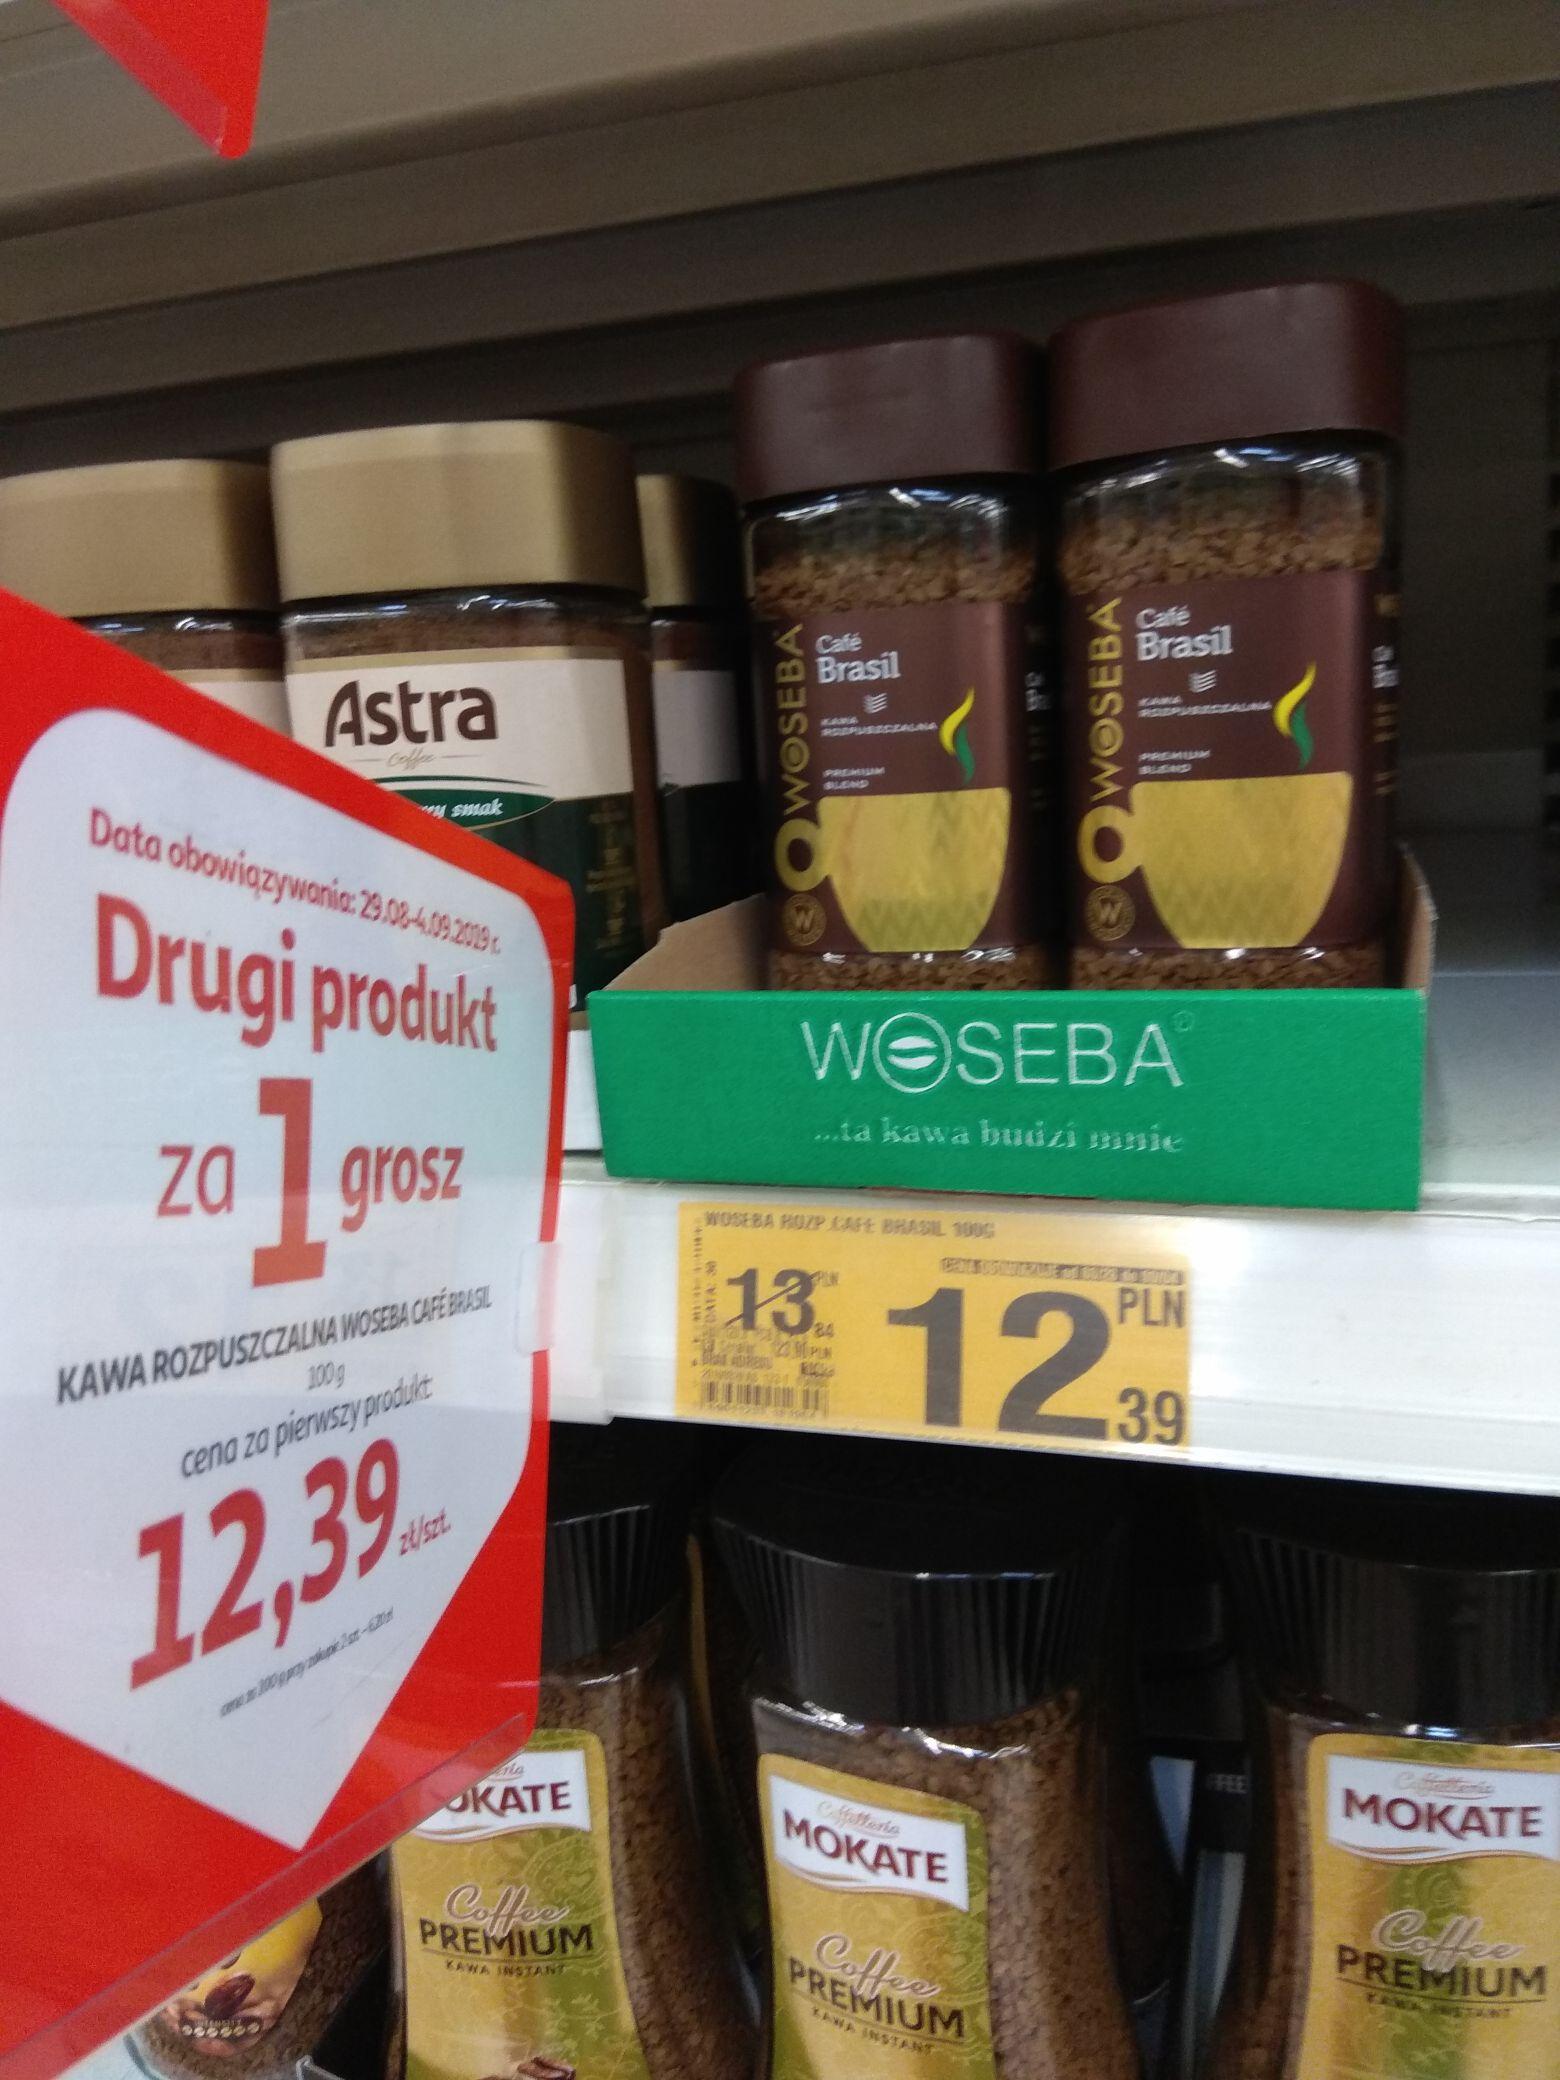 Kawa woseba rozpuszczalna + druga sztuka za grosz